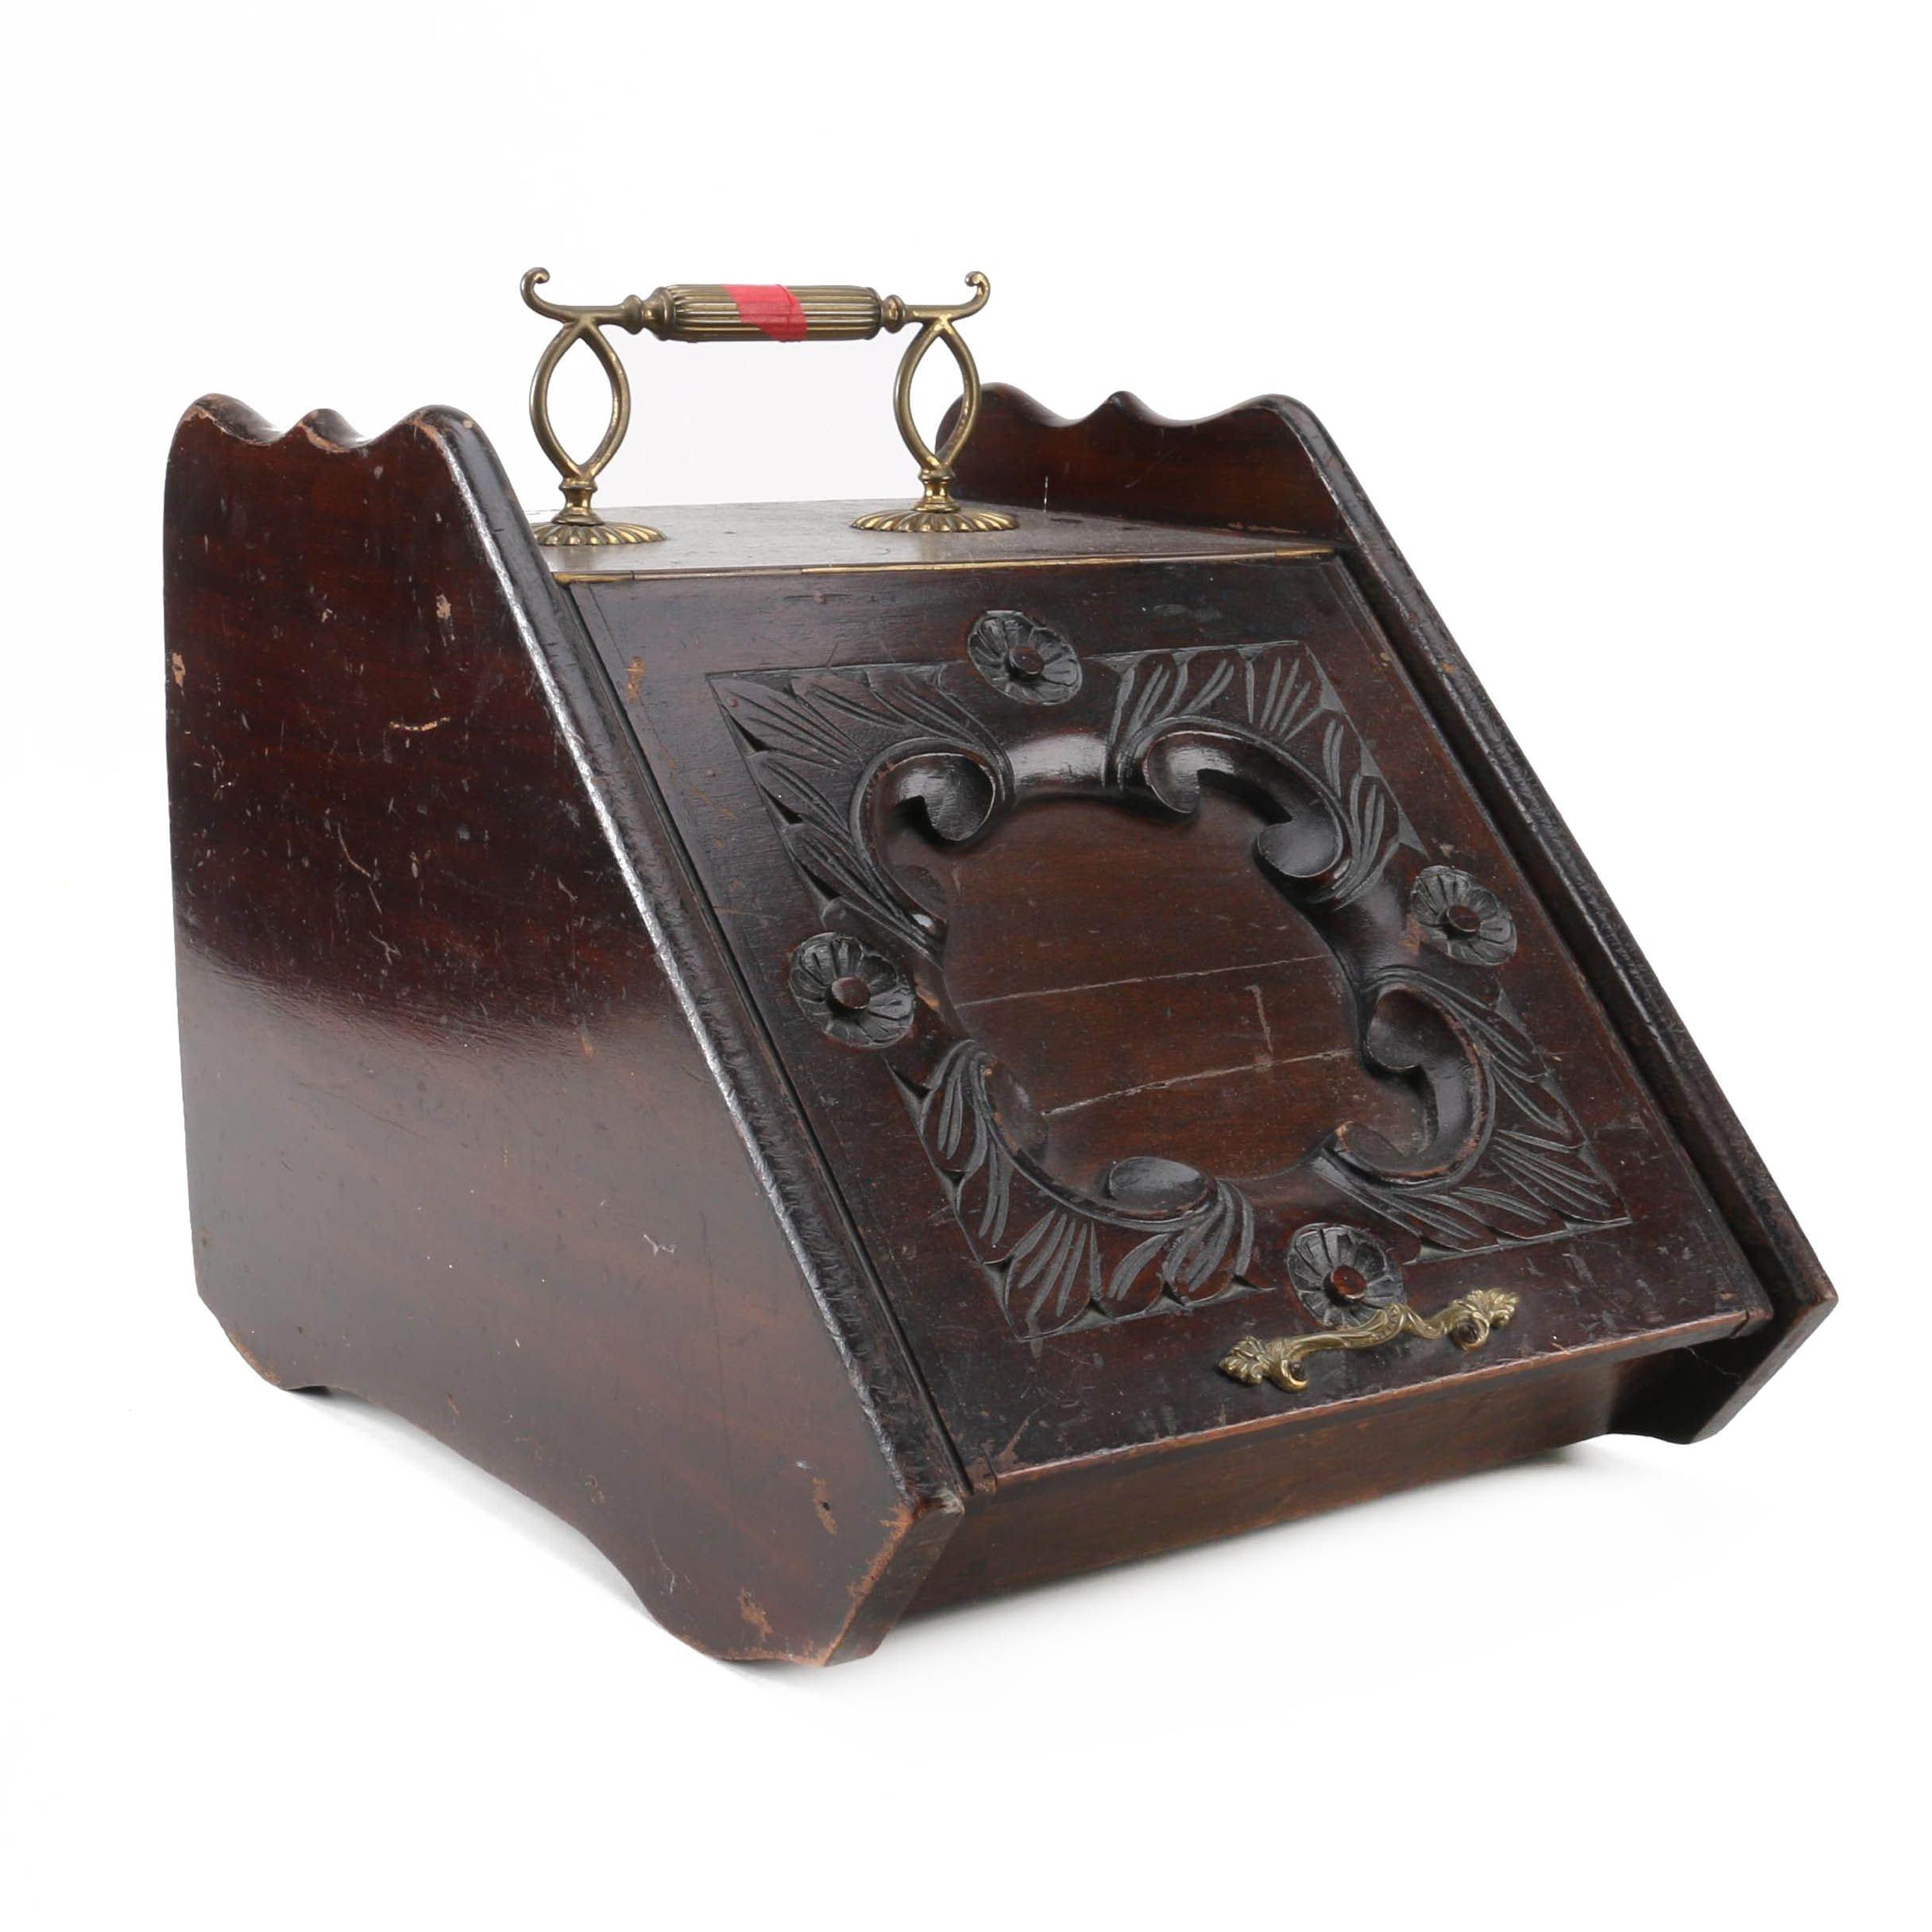 Vintage Wood Kindling Box